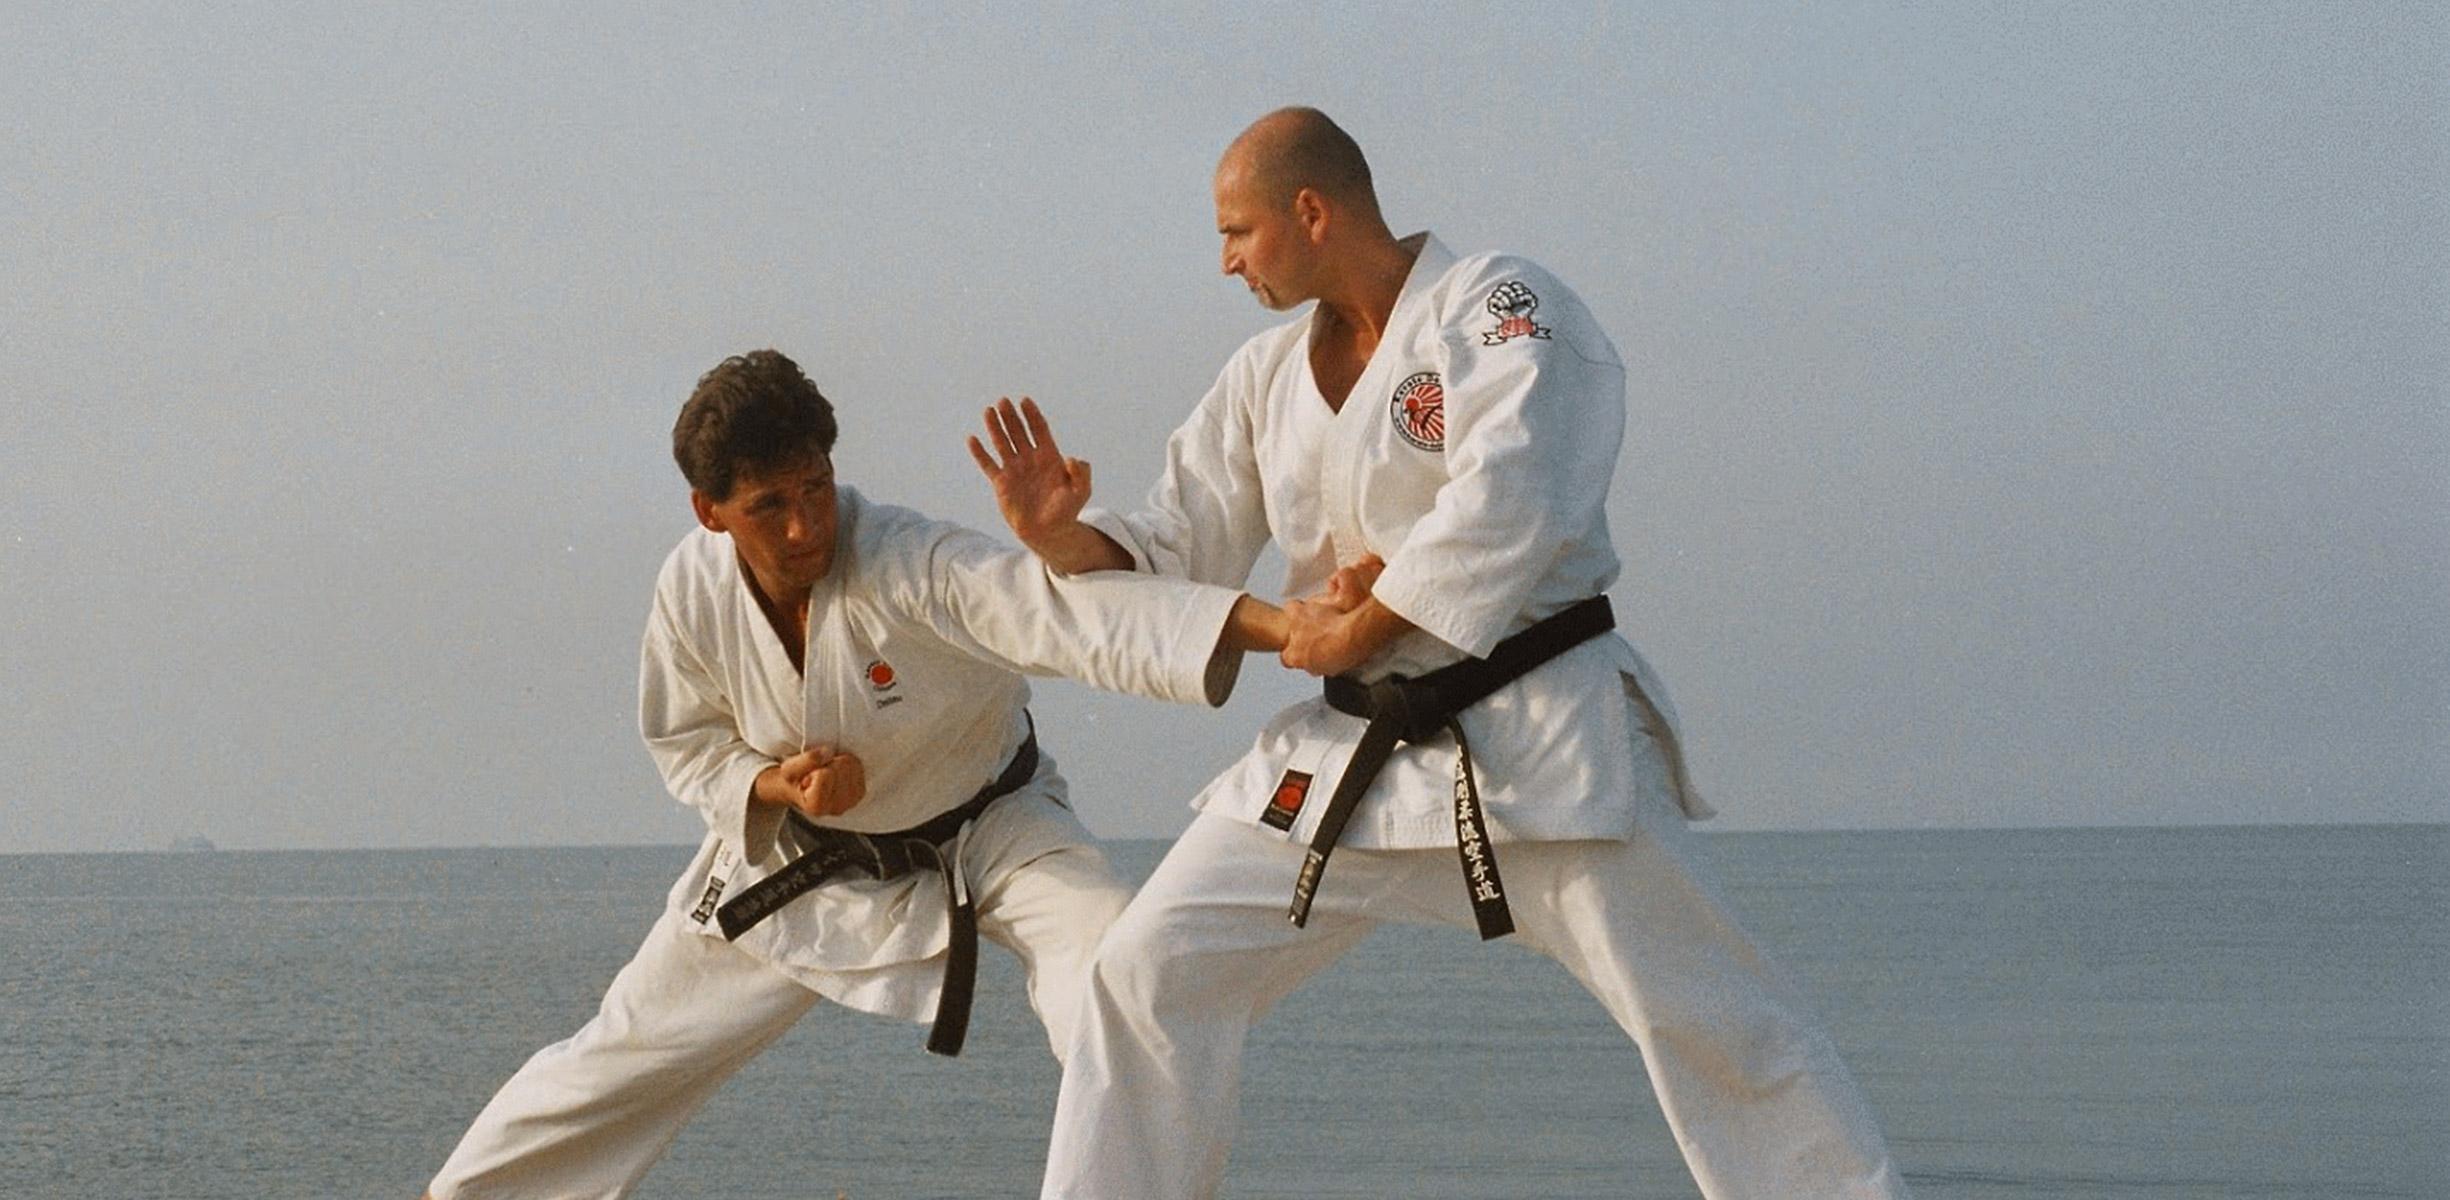 Selbstverteidigung, Fitness, </br>Ausdauer und Kampfkunst